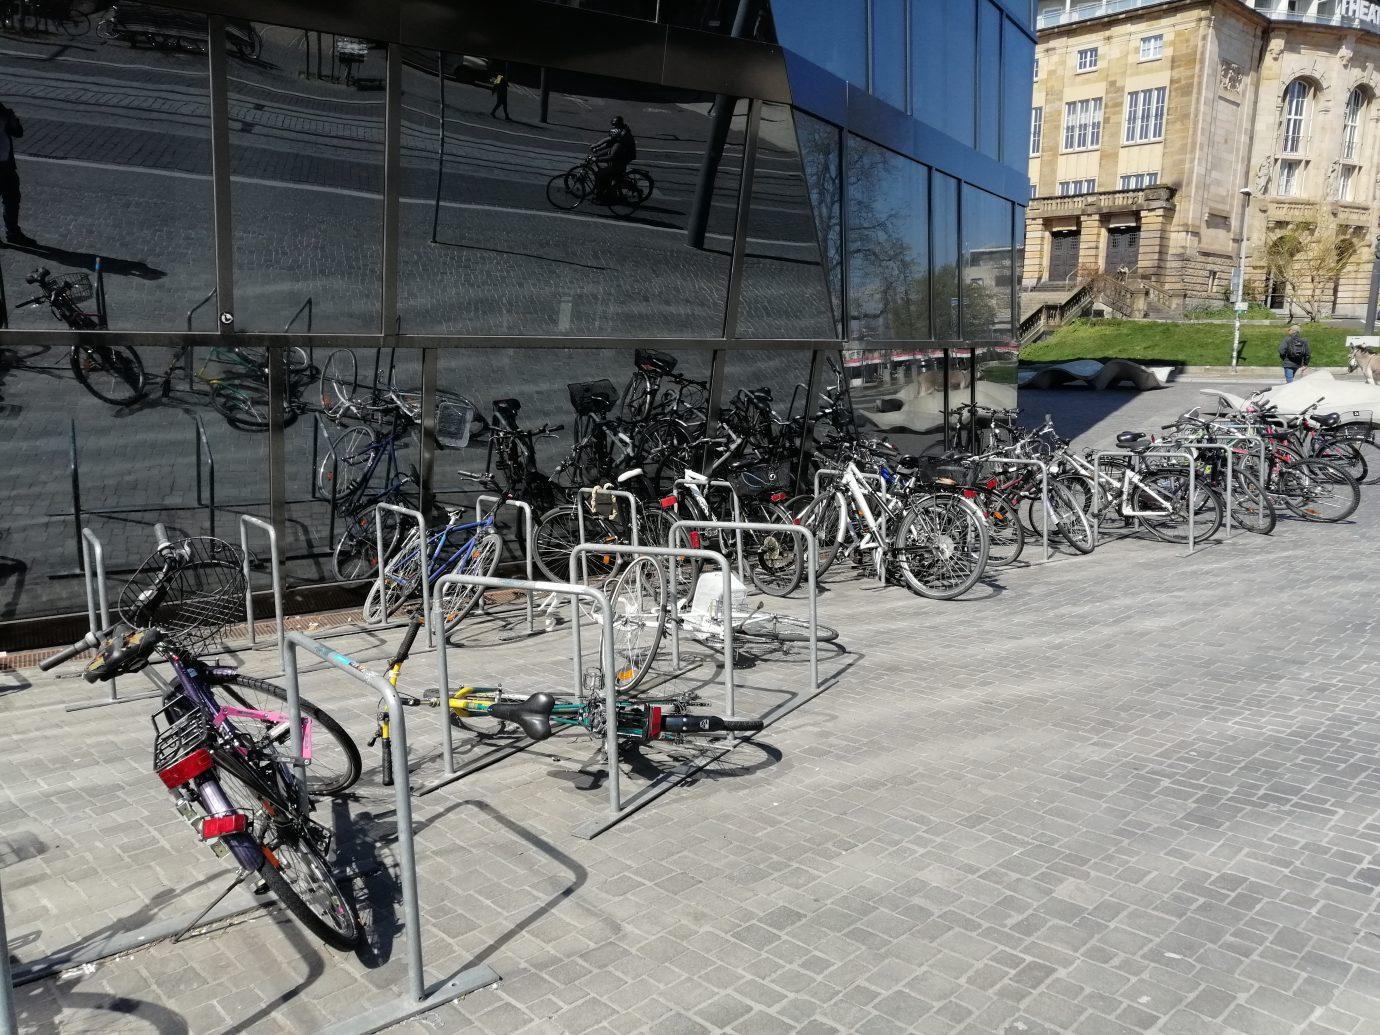 Fahrräder bitte entfernen